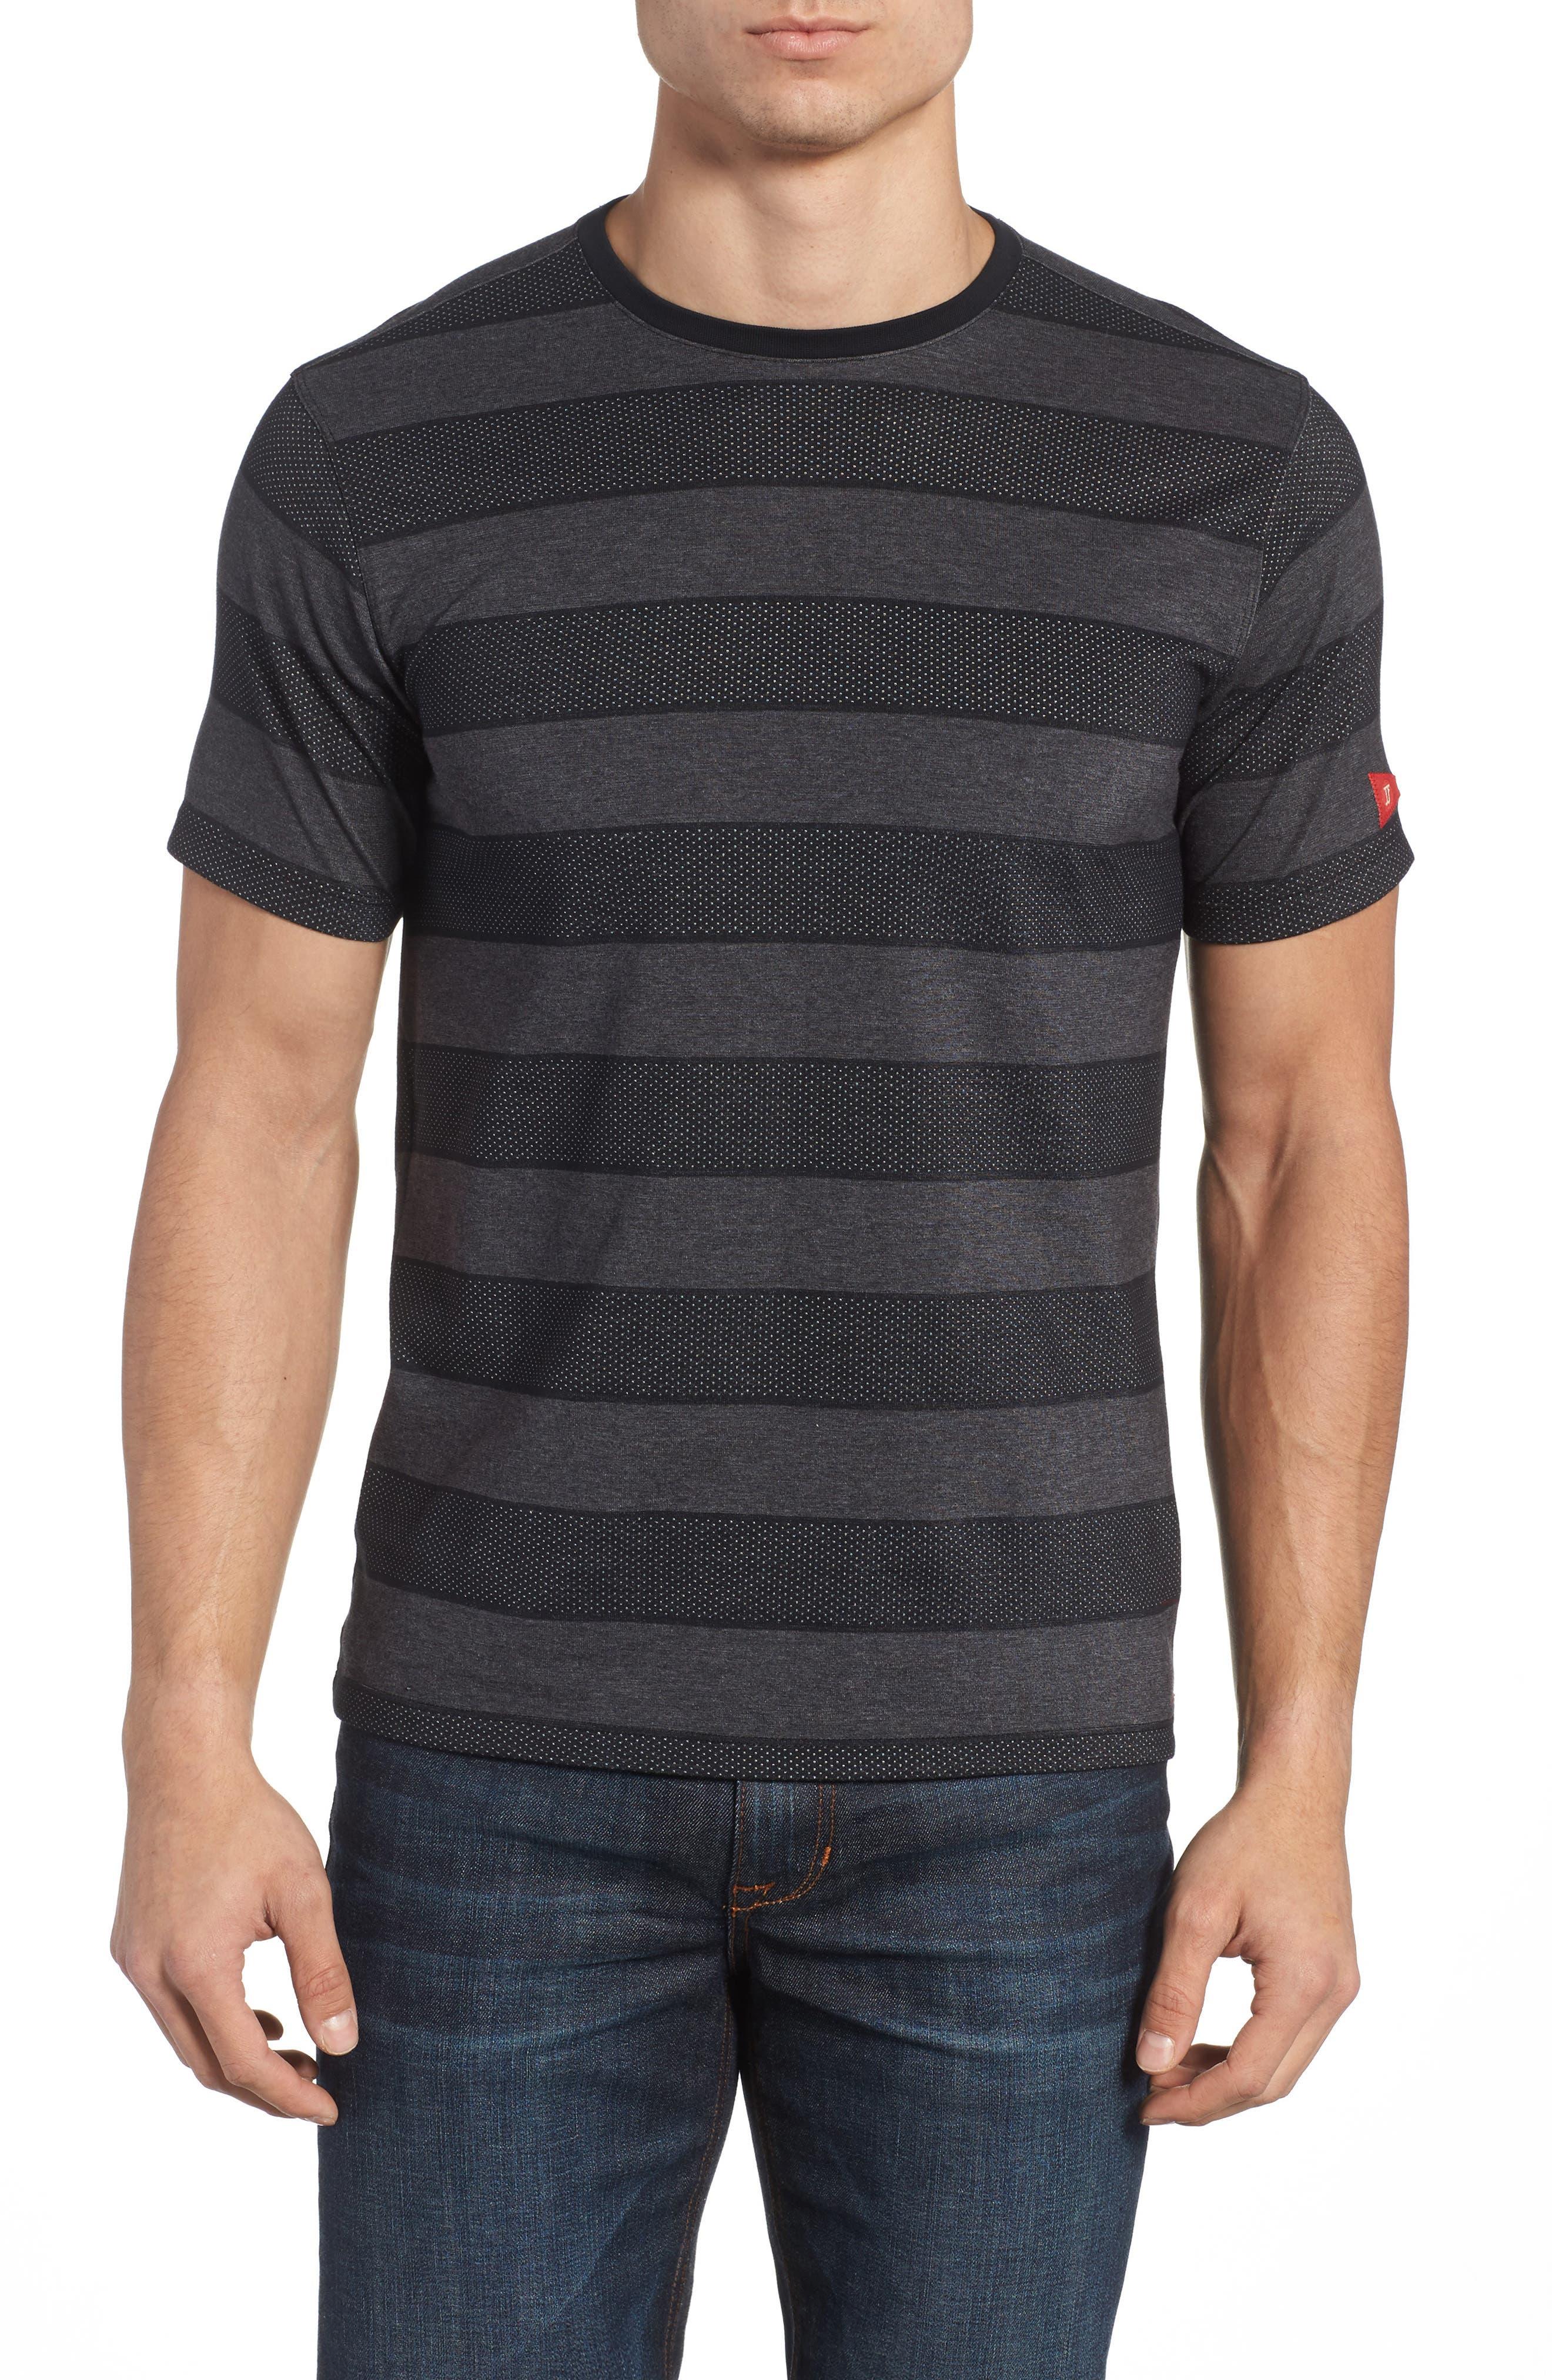 Hurley Regatta Dri-FIT T-Shirt